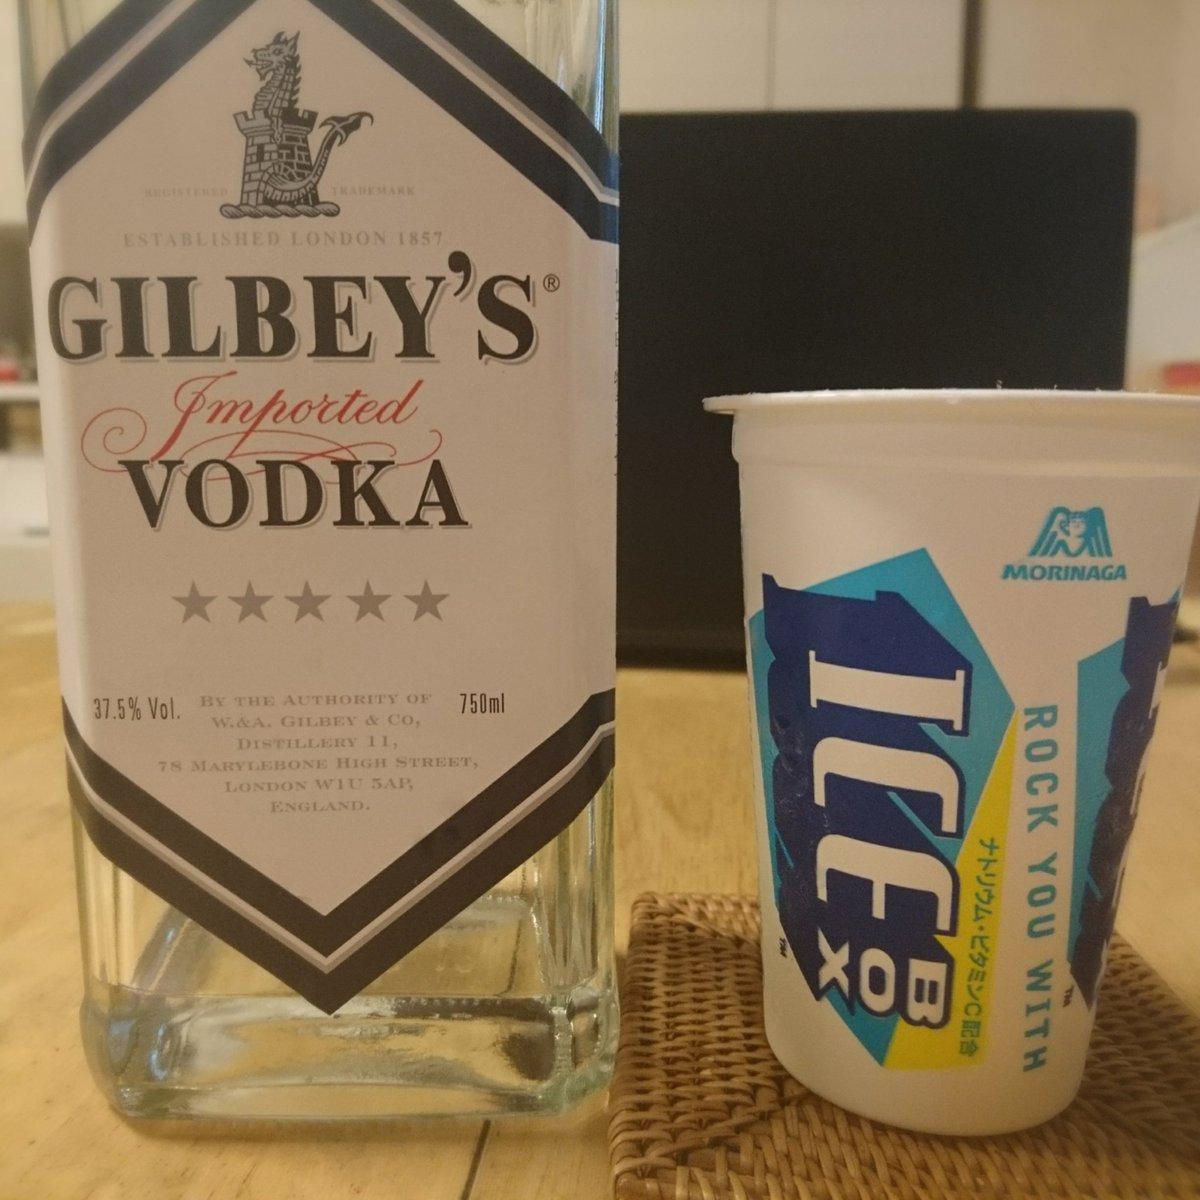 今夜はこれ👇 ウオッカ & ICE BOX✨✨  #ウォッカ #GILBEY'S  #ICEBOX #アルコール女子